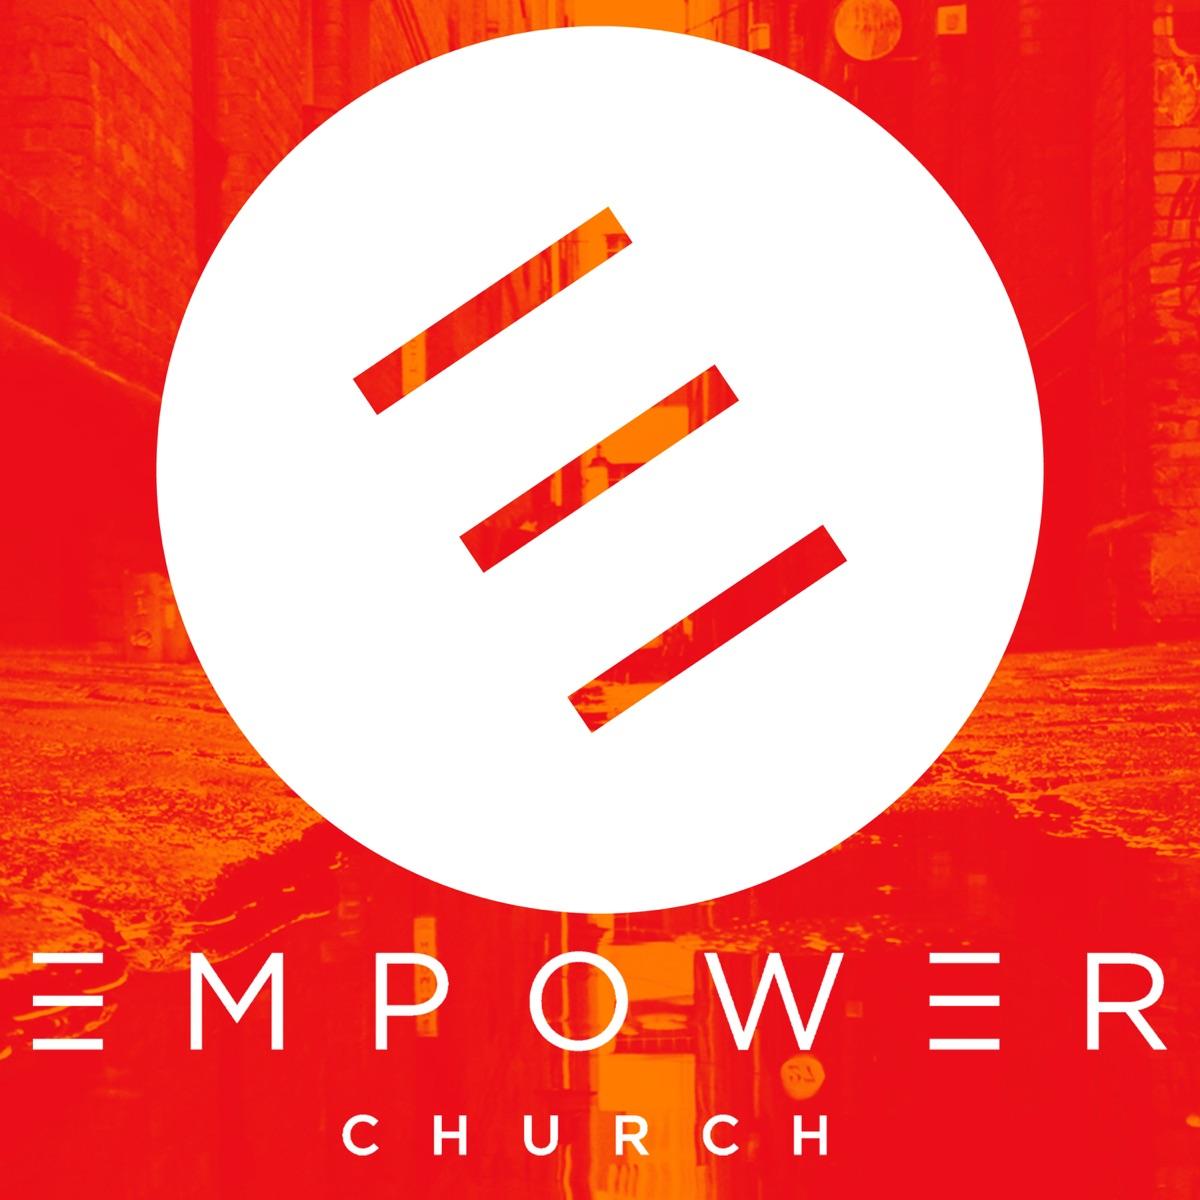 Empower Church